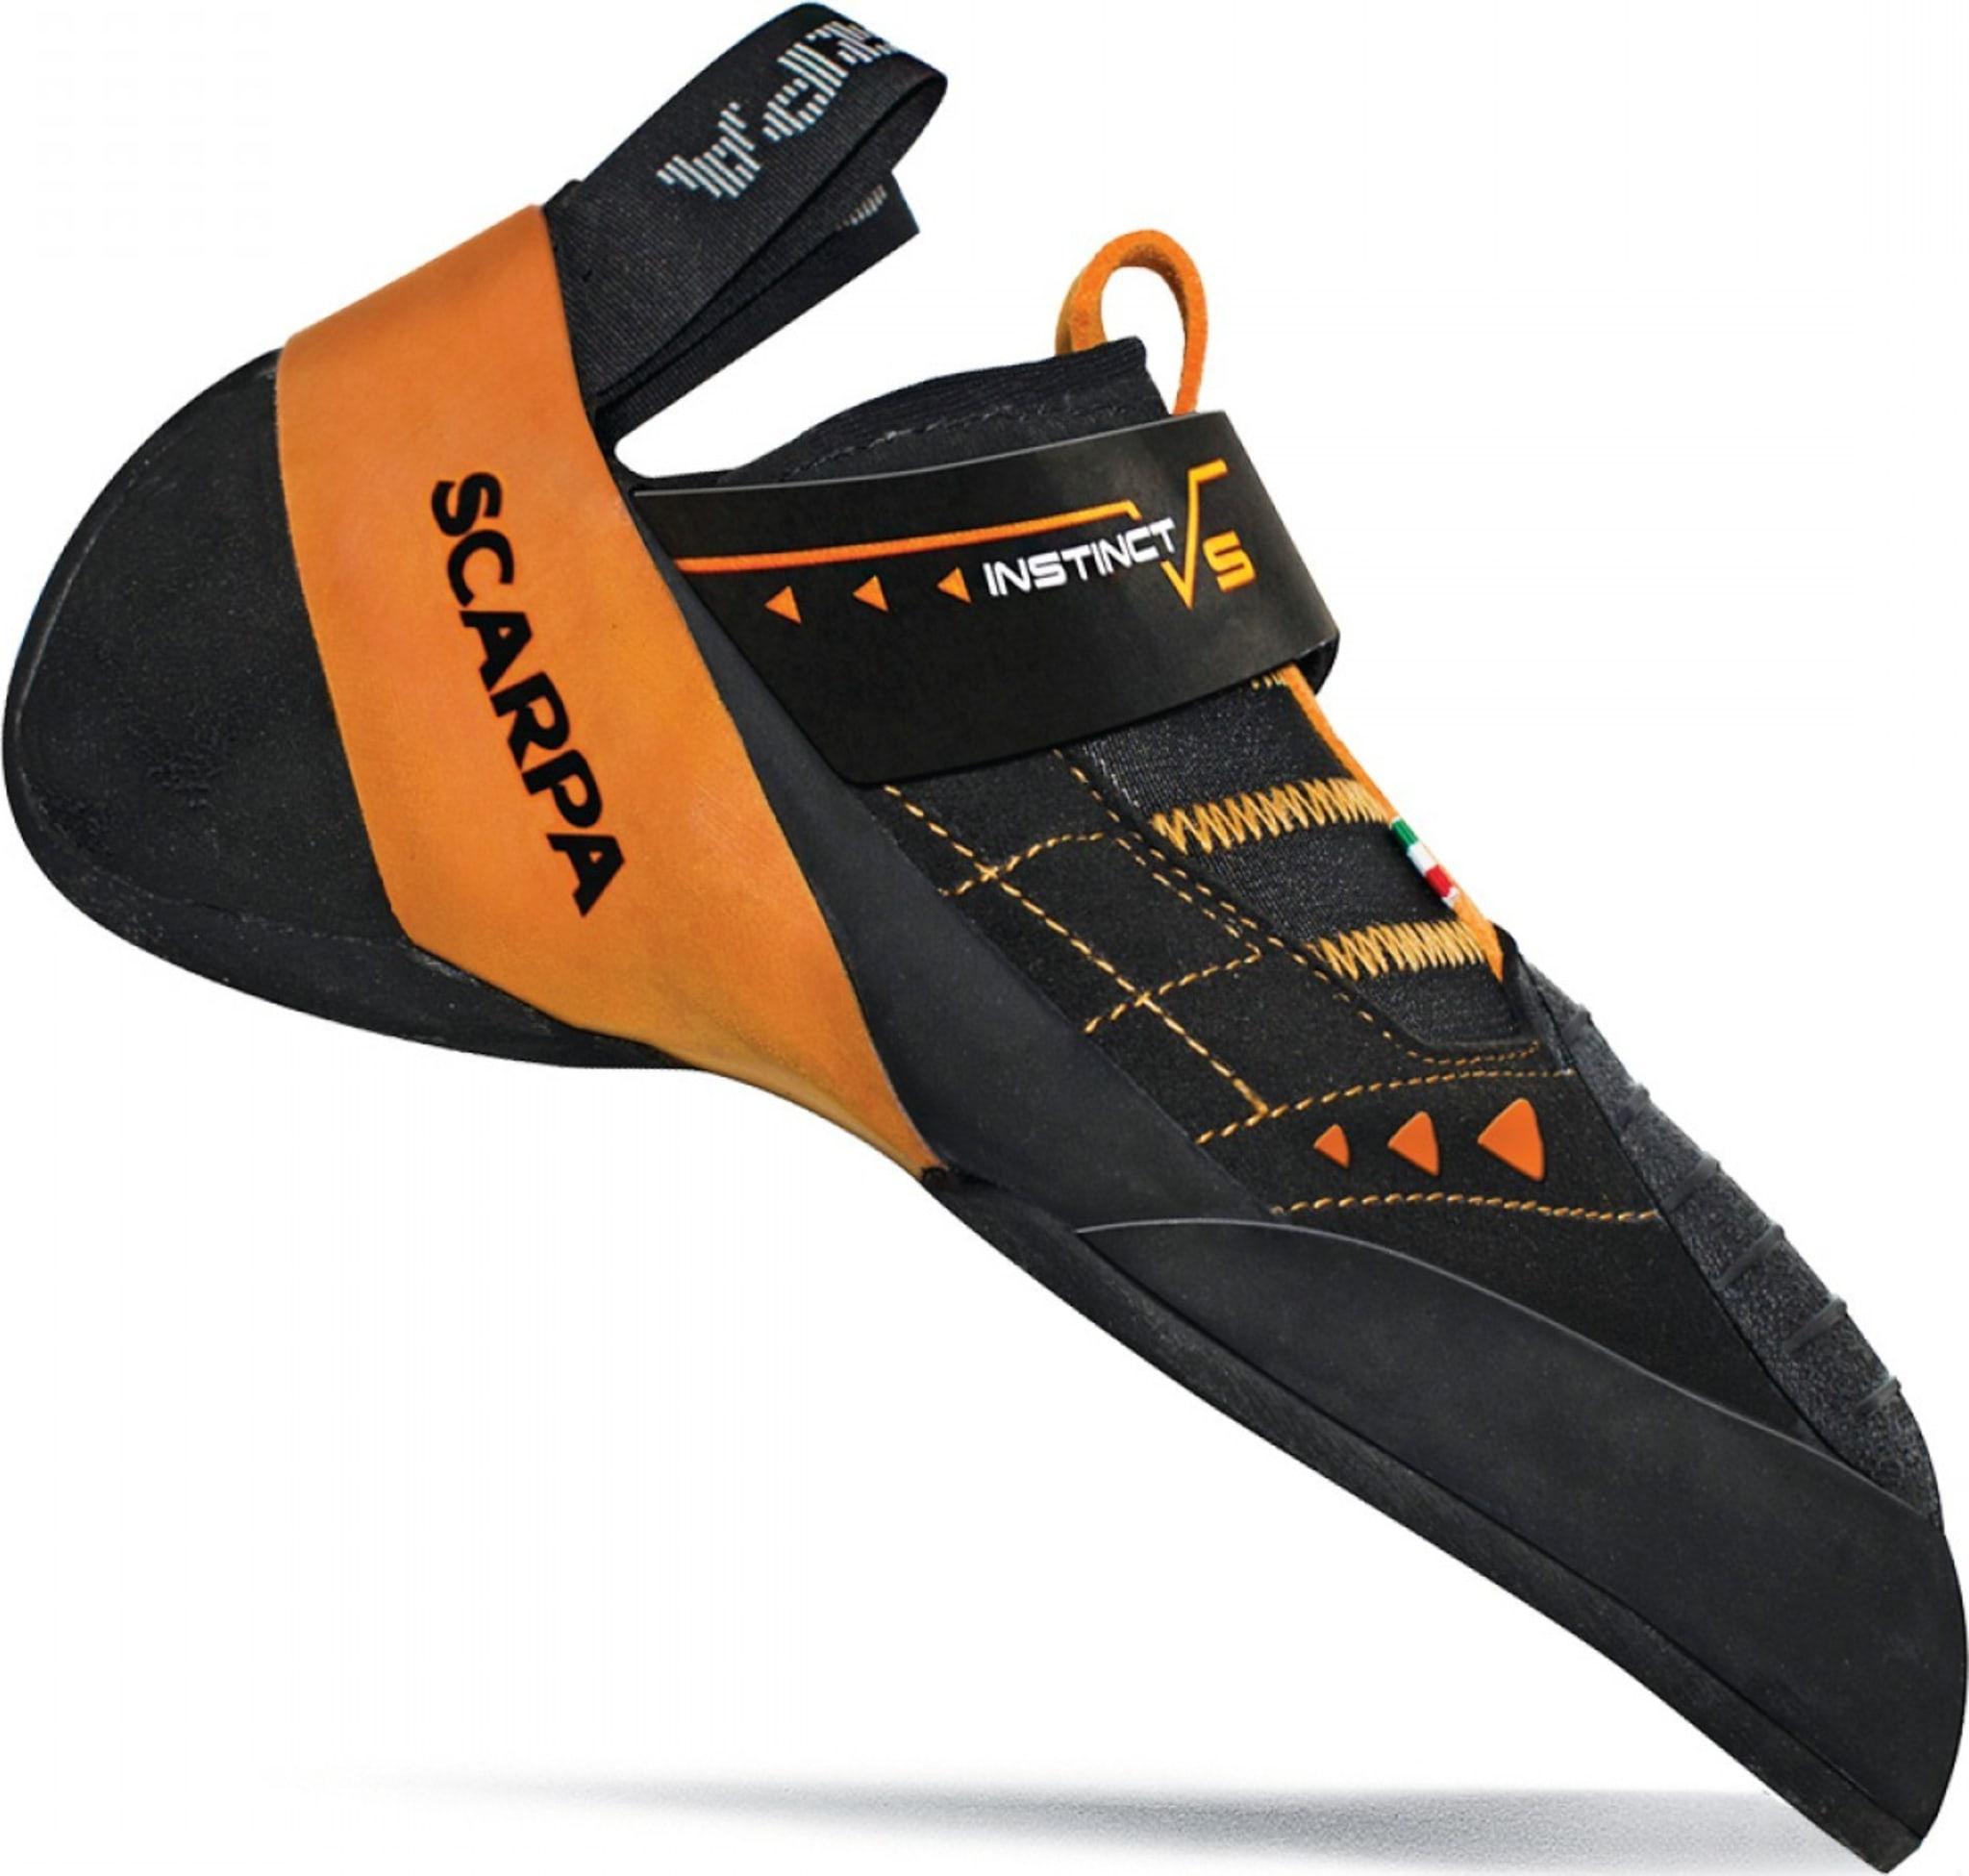 Følsom og høytytende sko for harde buldre og sportsruter